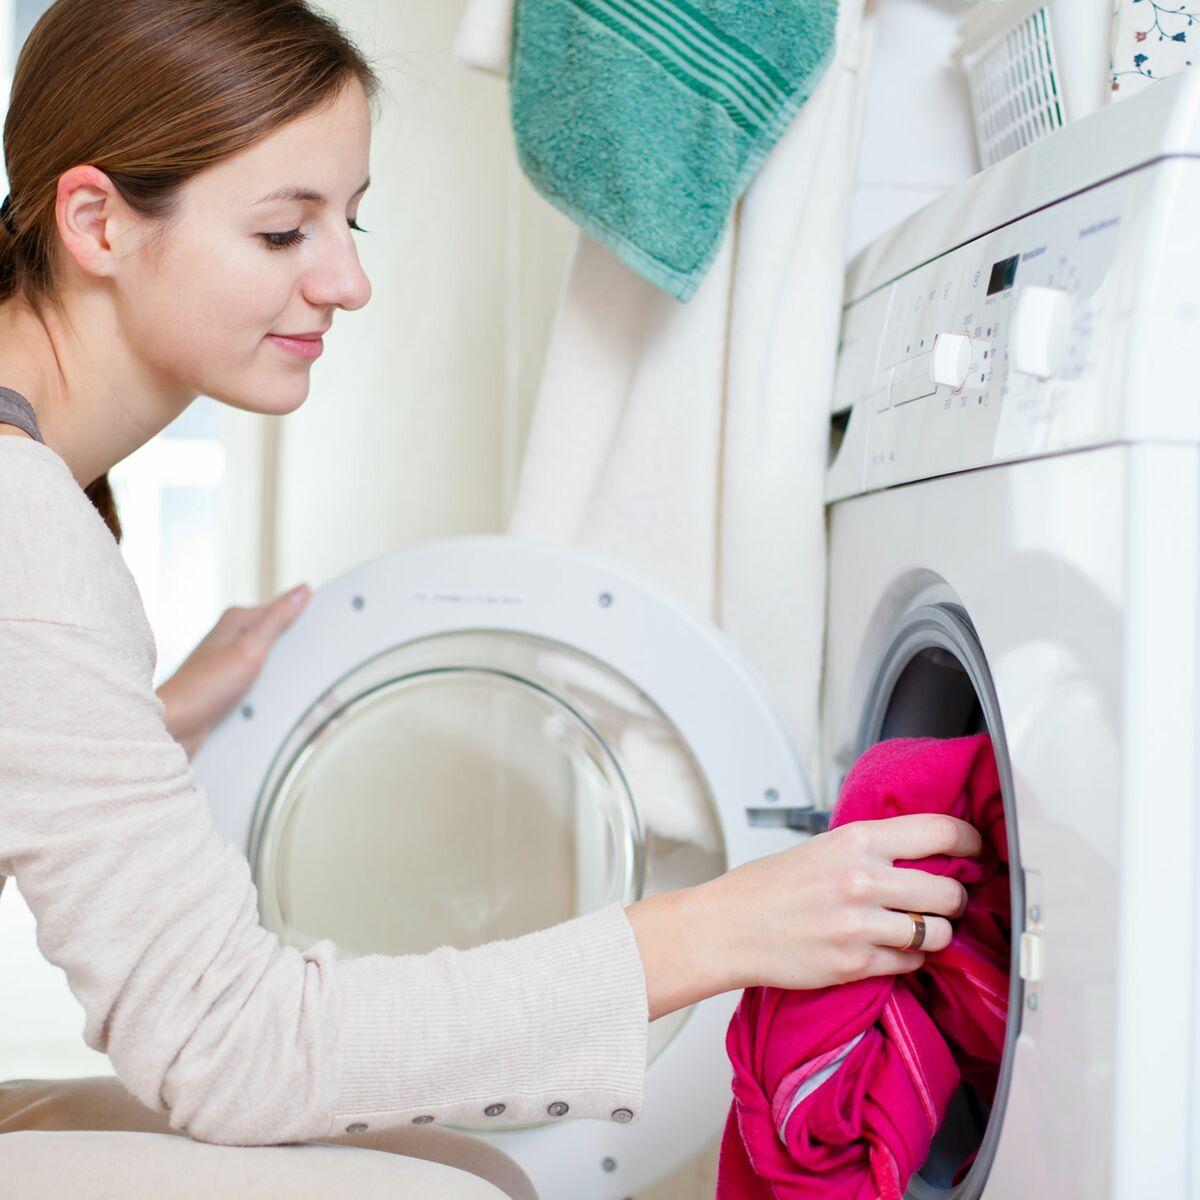 Nettoyer Machine À Laver Le Linge comment bien nettoyer sa machine à laver ? : femme actuelle